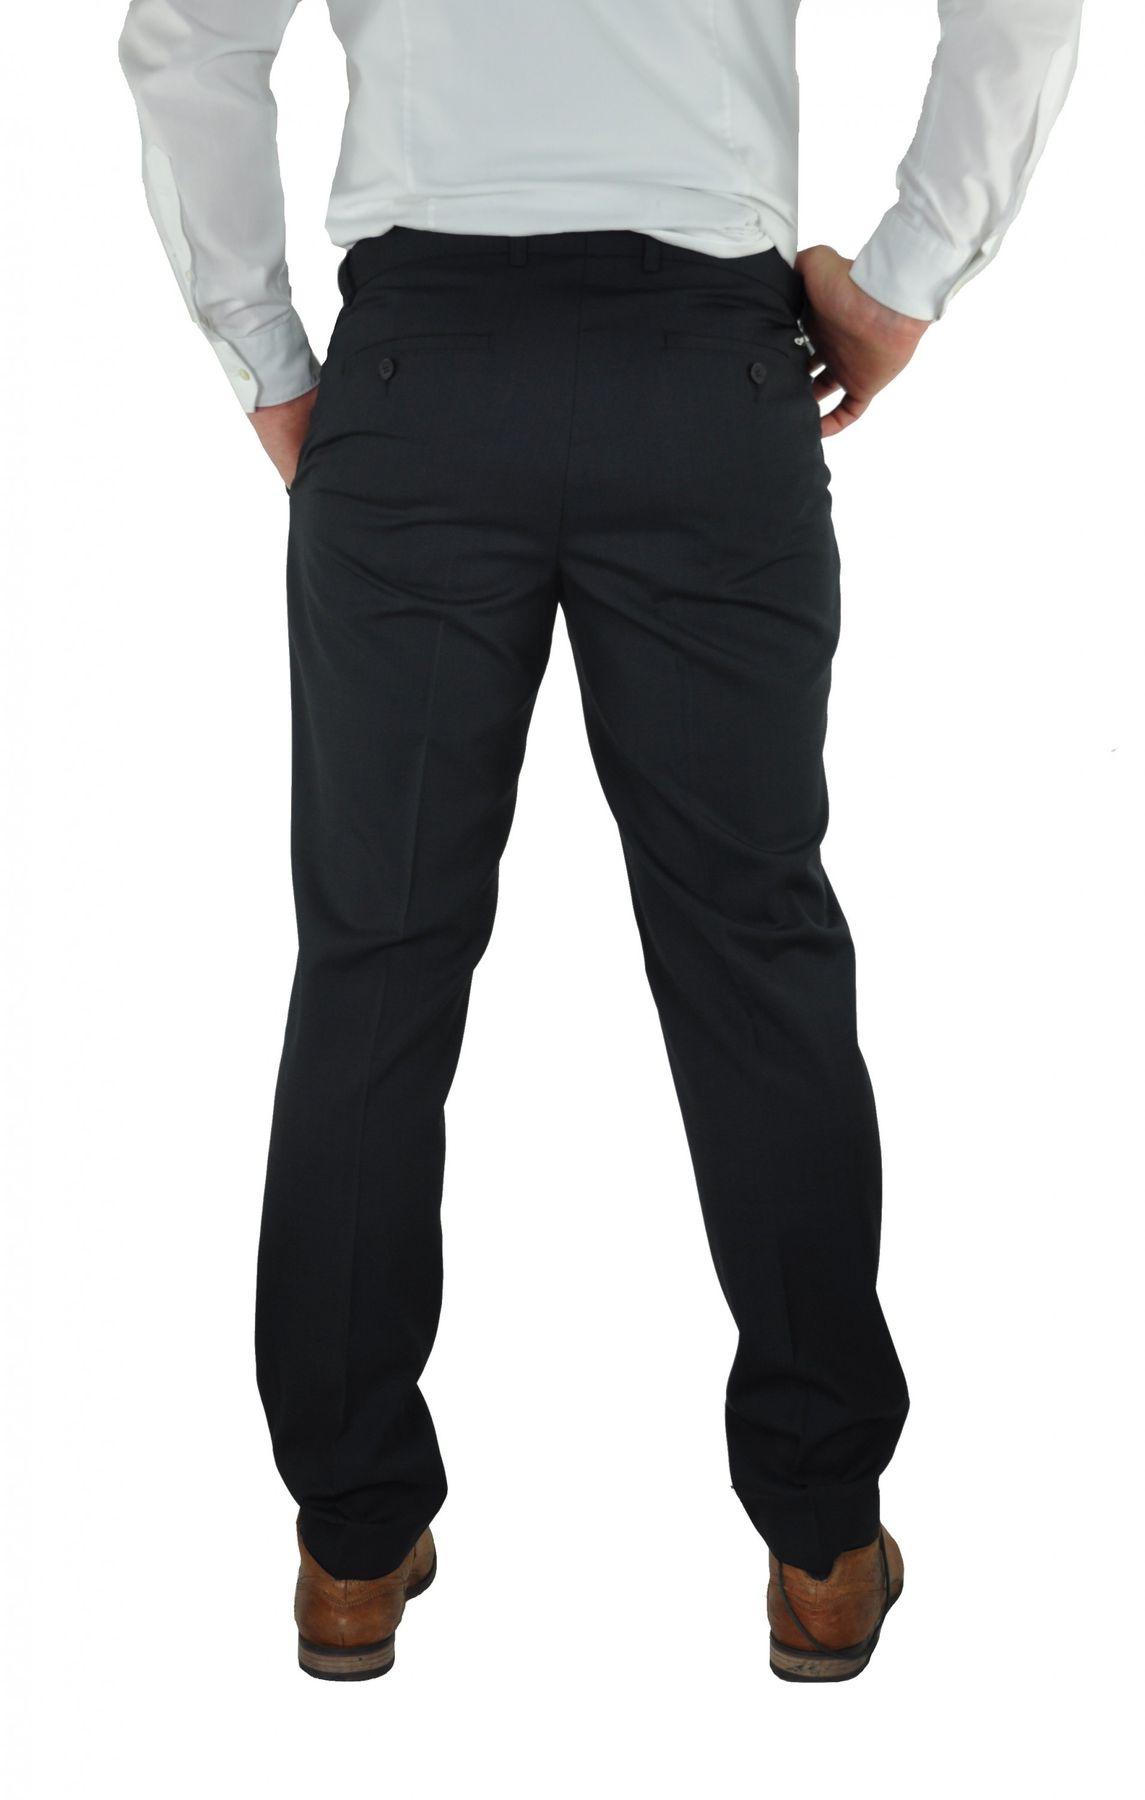 Modern Fit Baukasten Anzughose in Anthrazit oder Blau, Gio (8351720, Modell: 56) – Bild 5